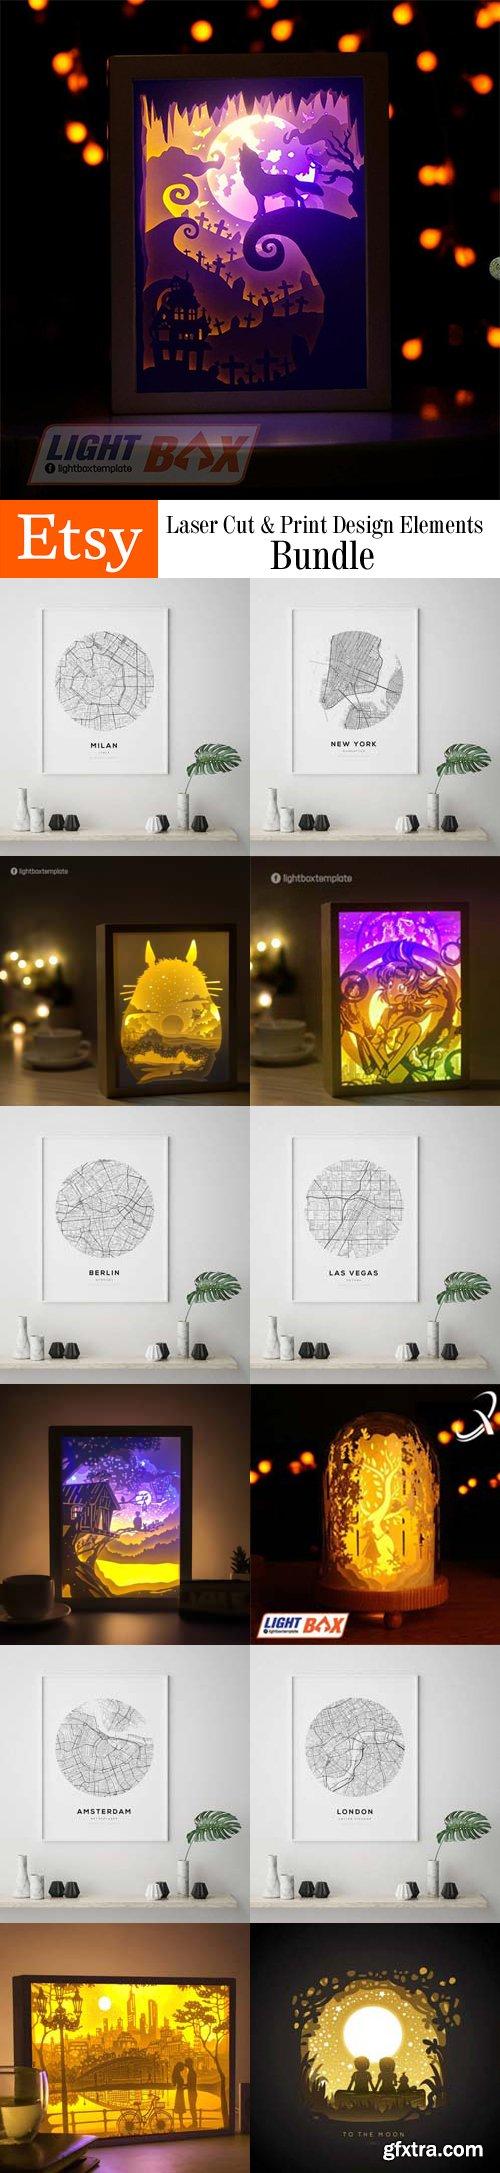 Laser Cut & Print Design Elements Bundle - ETSY